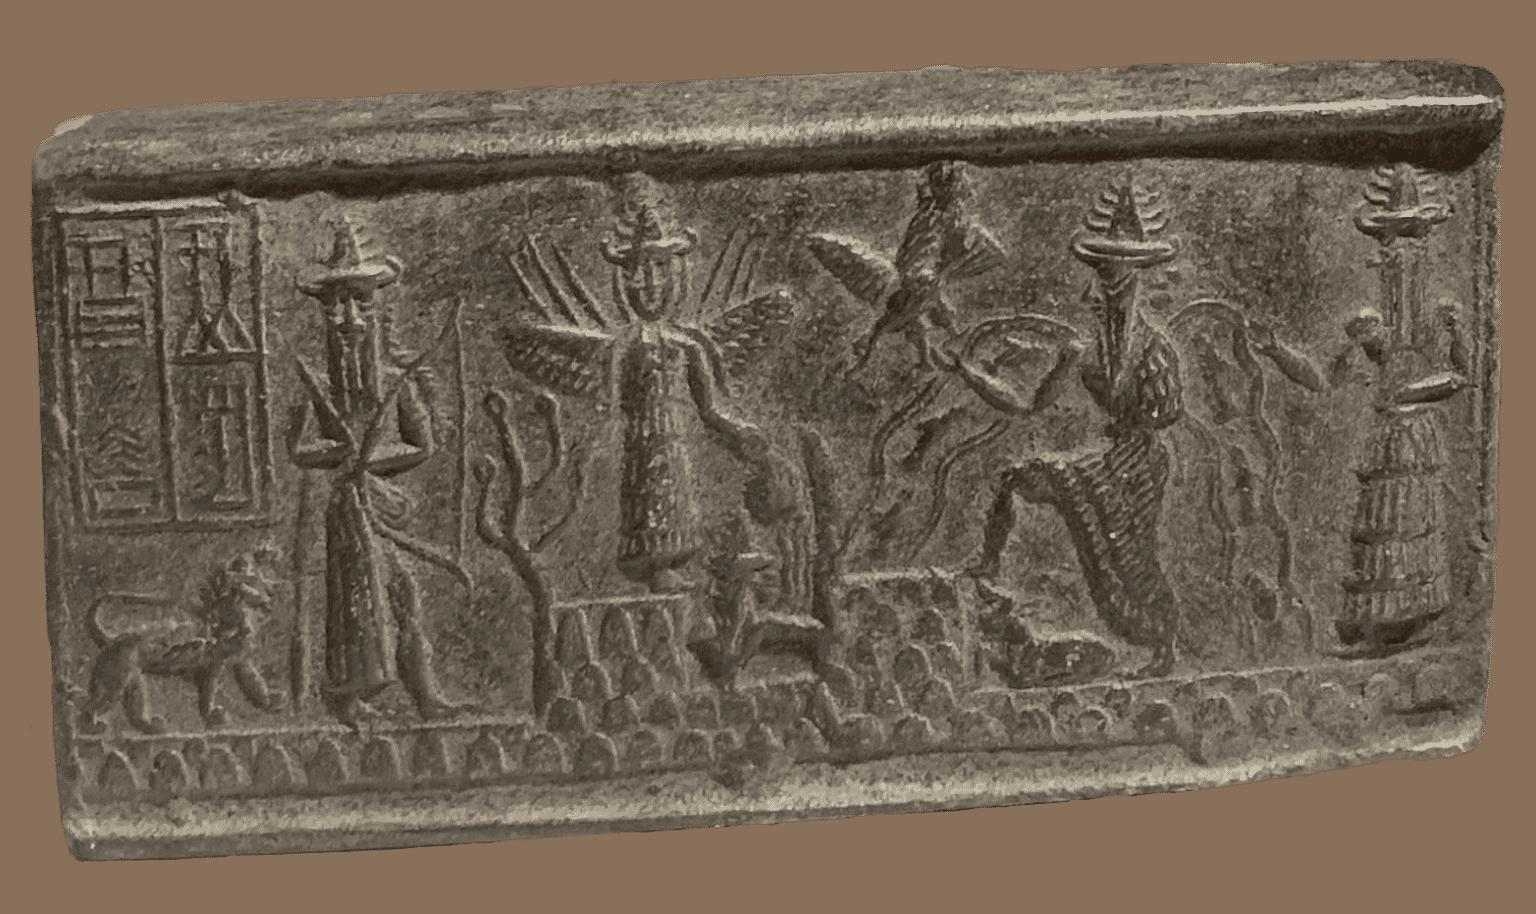 akkadische zegel